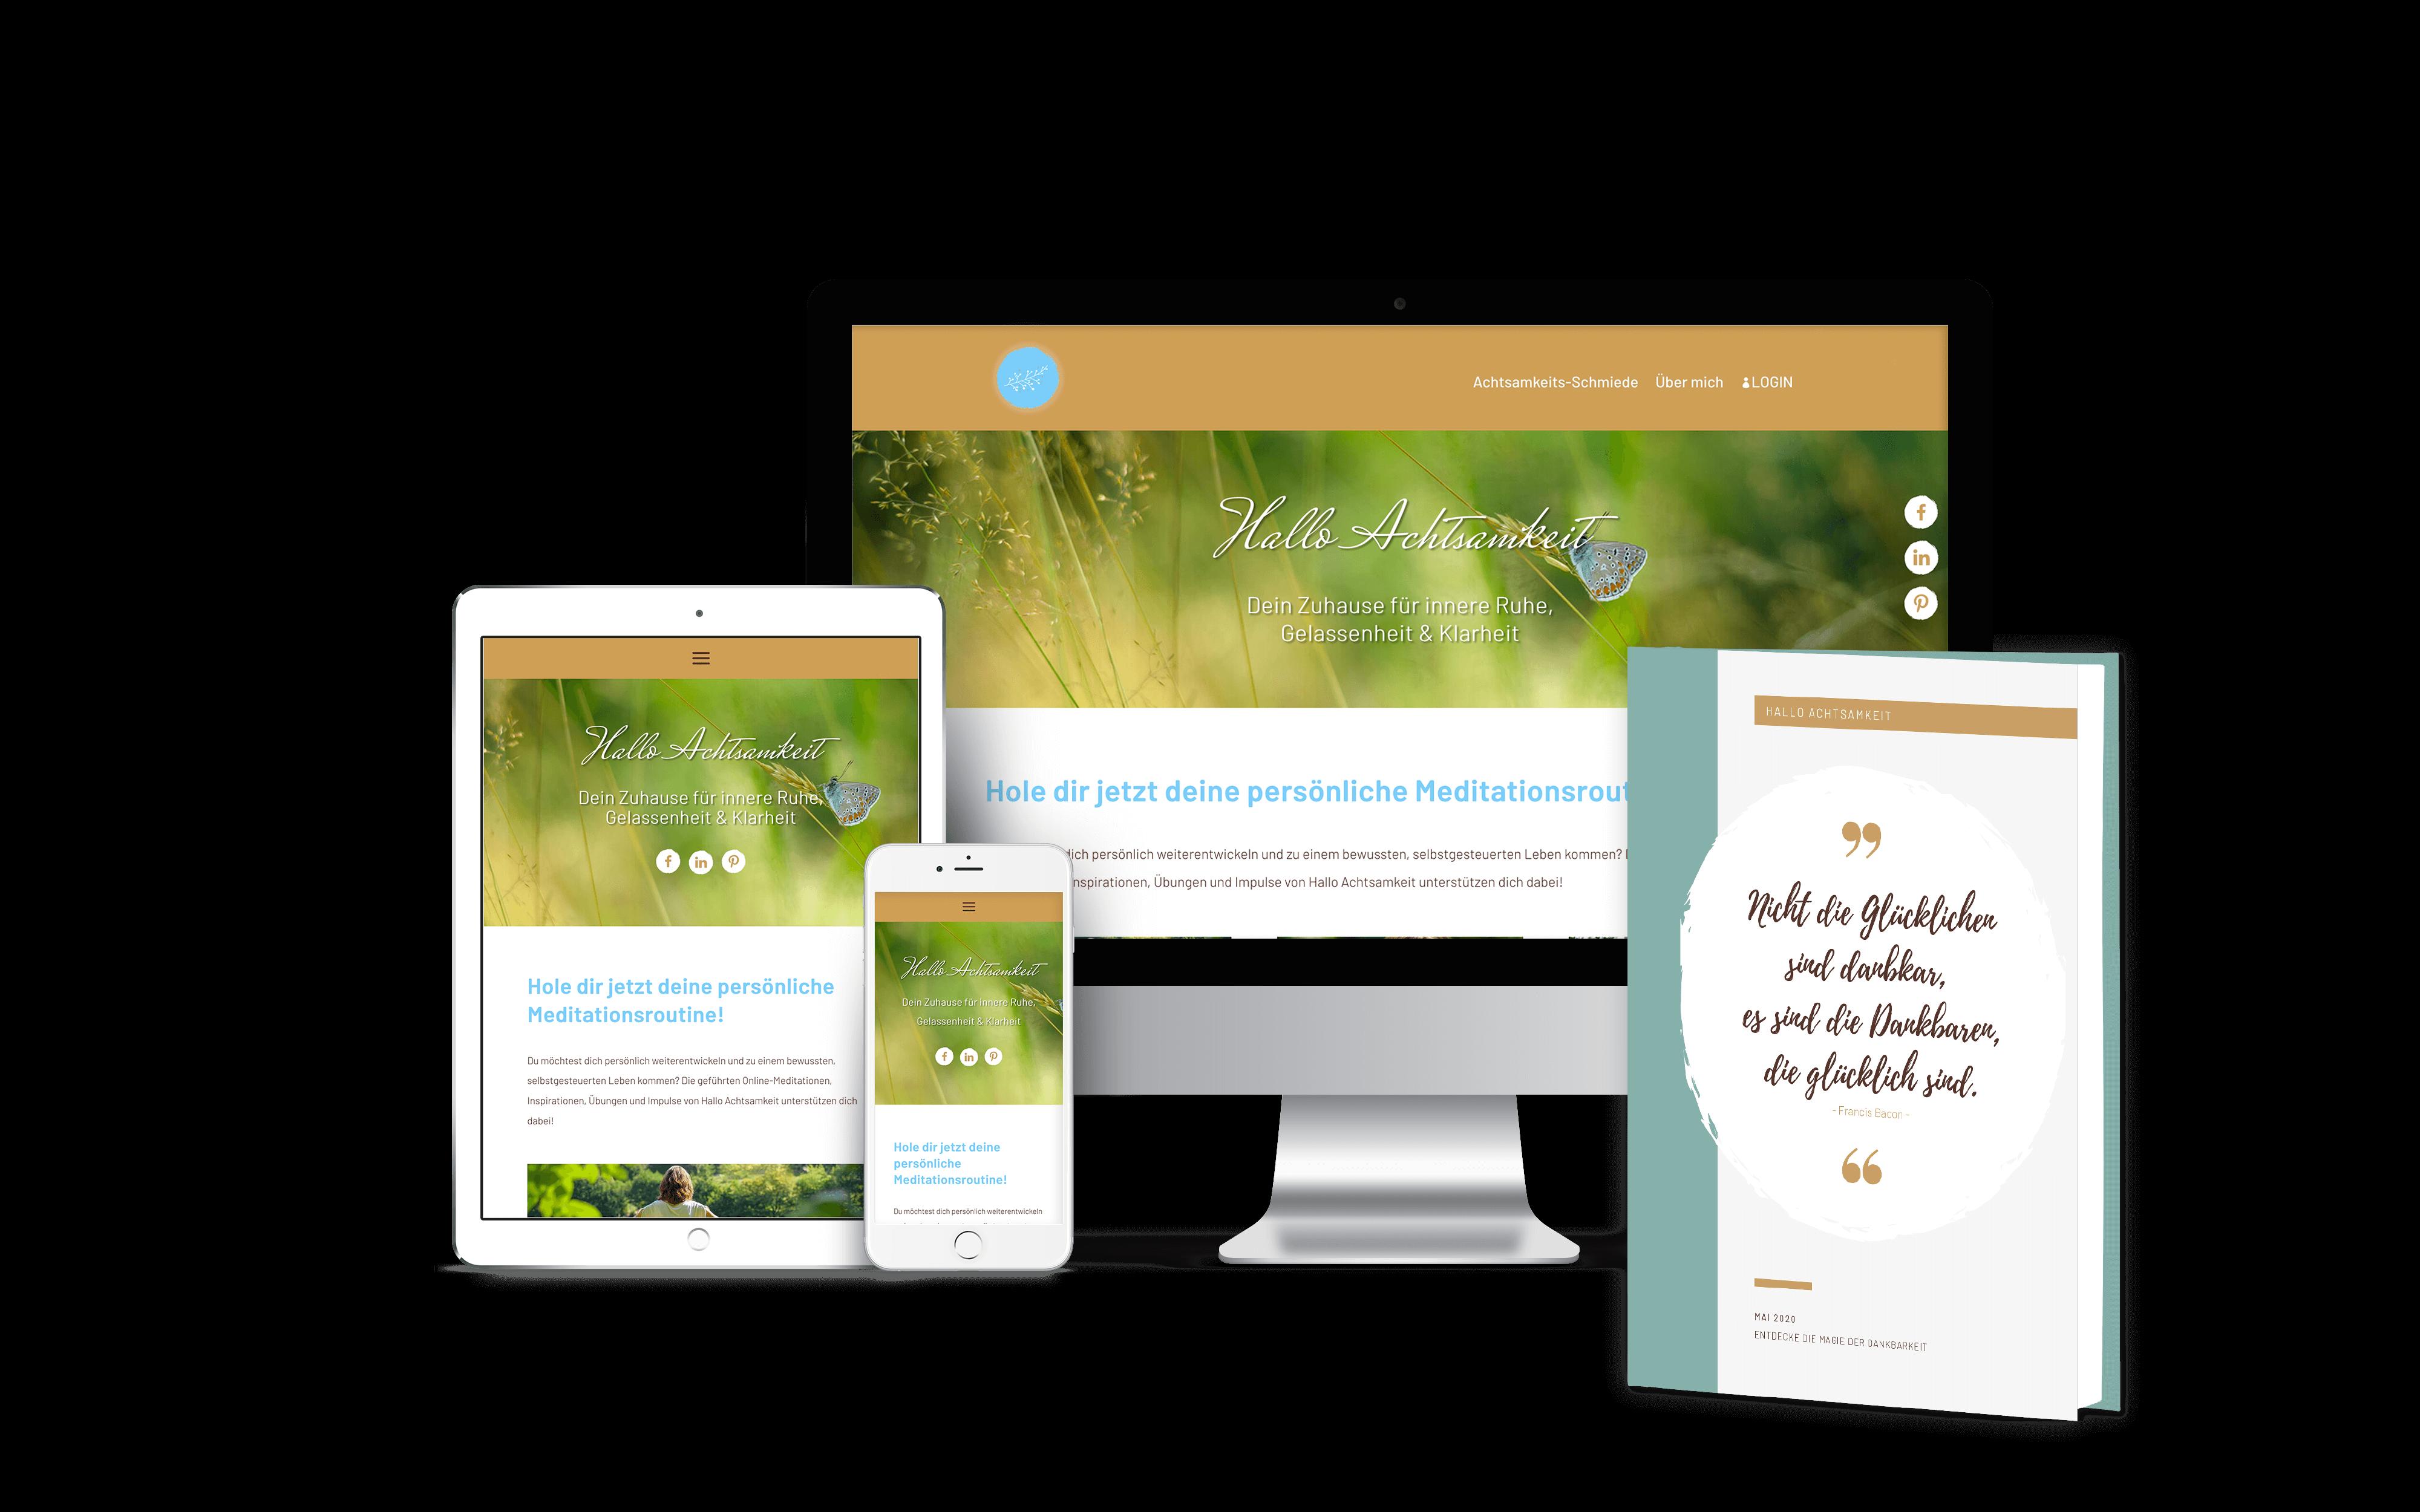 Ansicht der Seite auf unterschiedlichen Medien - Desktop, Tablet, Mobilgerät und Buchcover